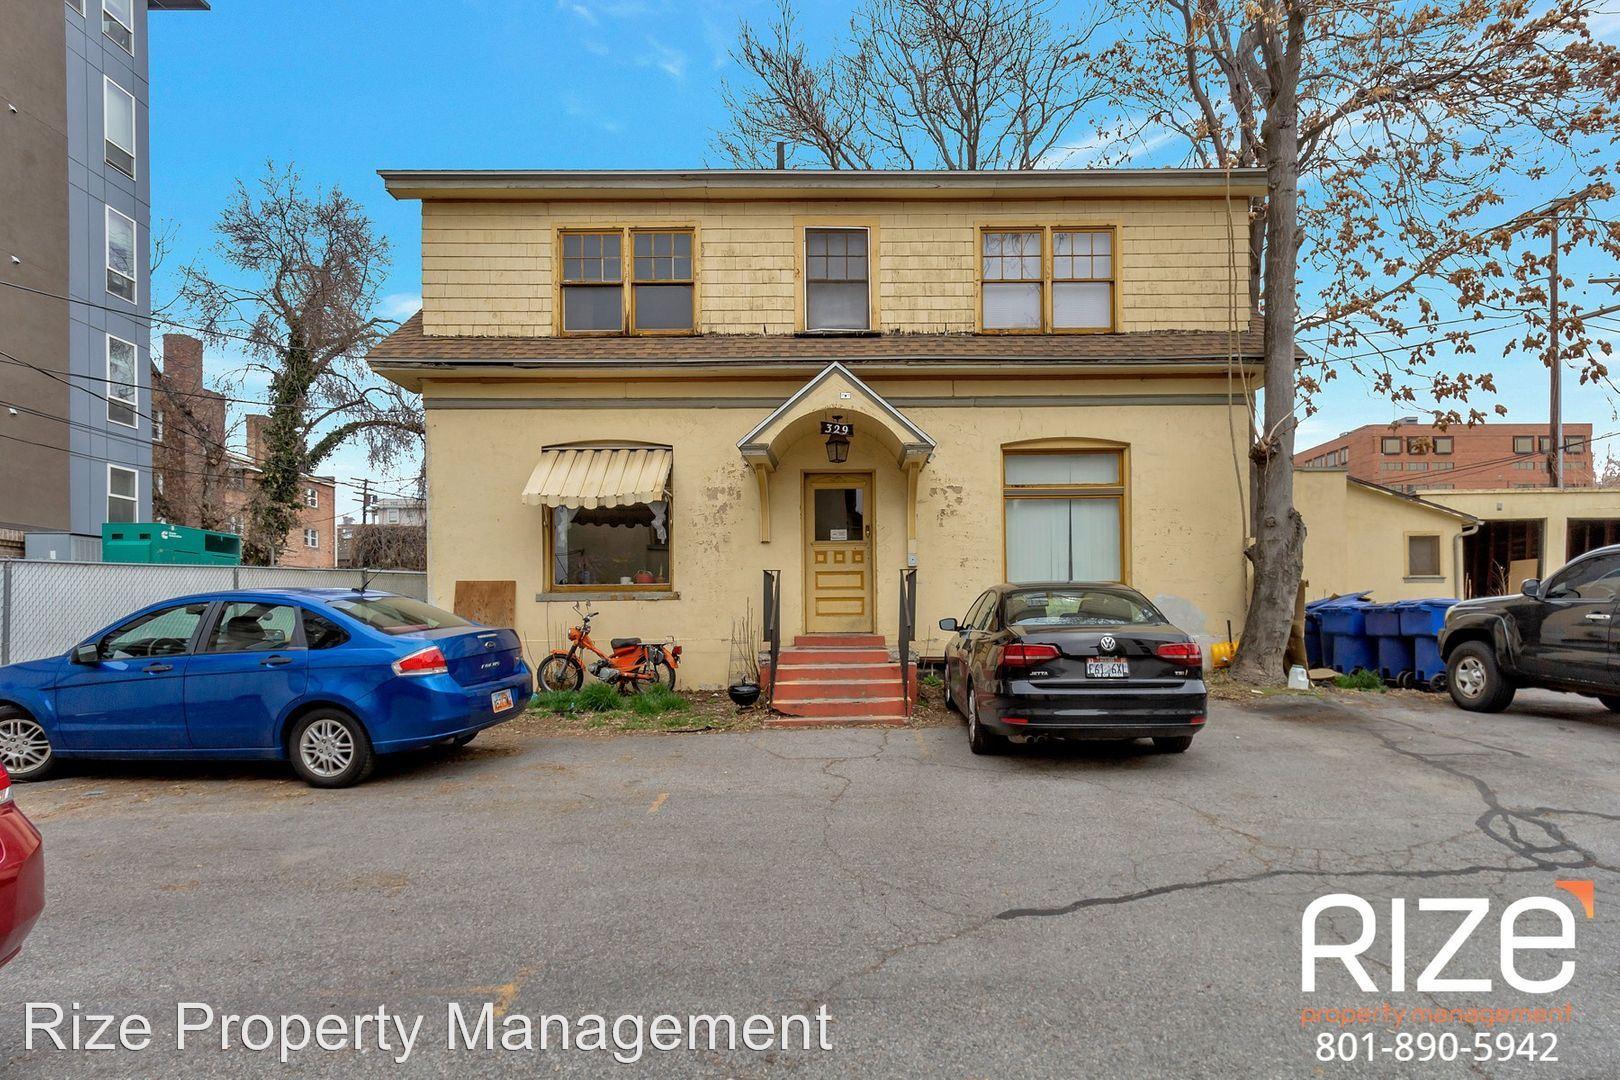 327-333 E 100 S, Salt Lake City, UT - $700